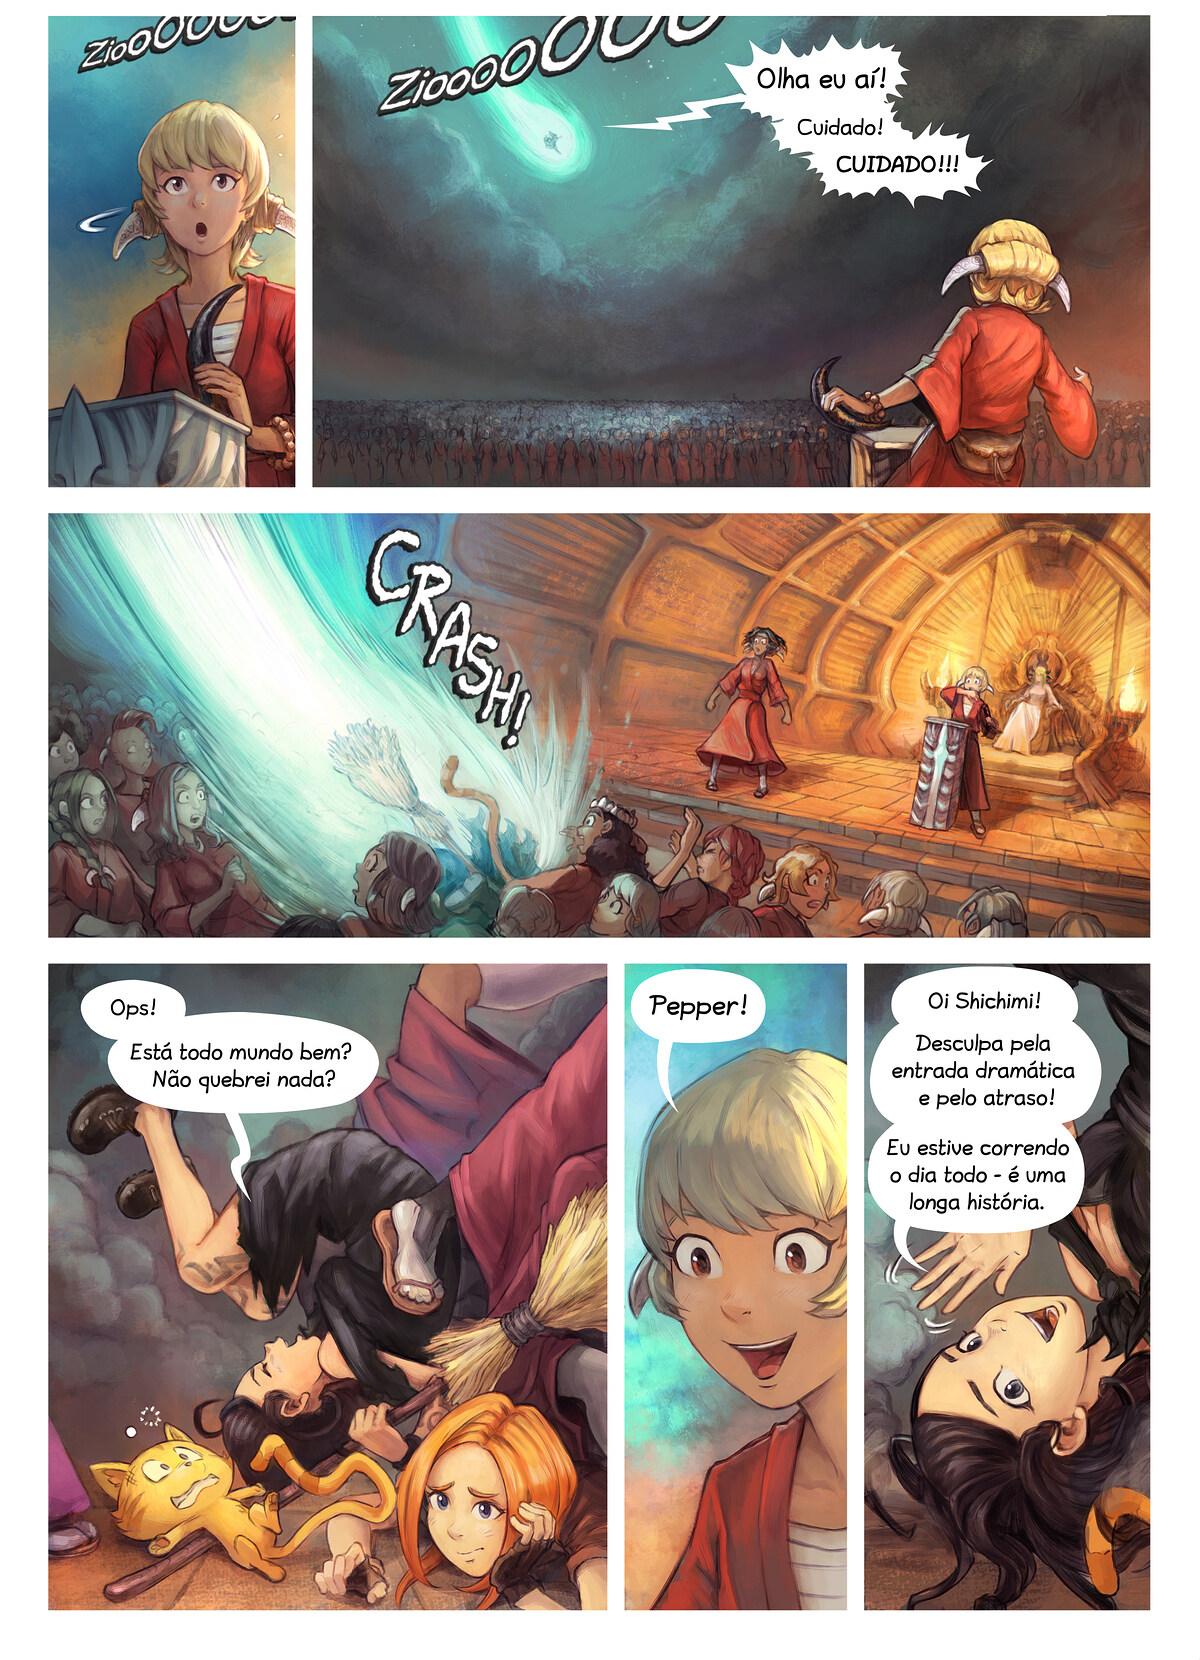 Episódio 34: A Condecoração da Cavaleira Shichimi, Page 2